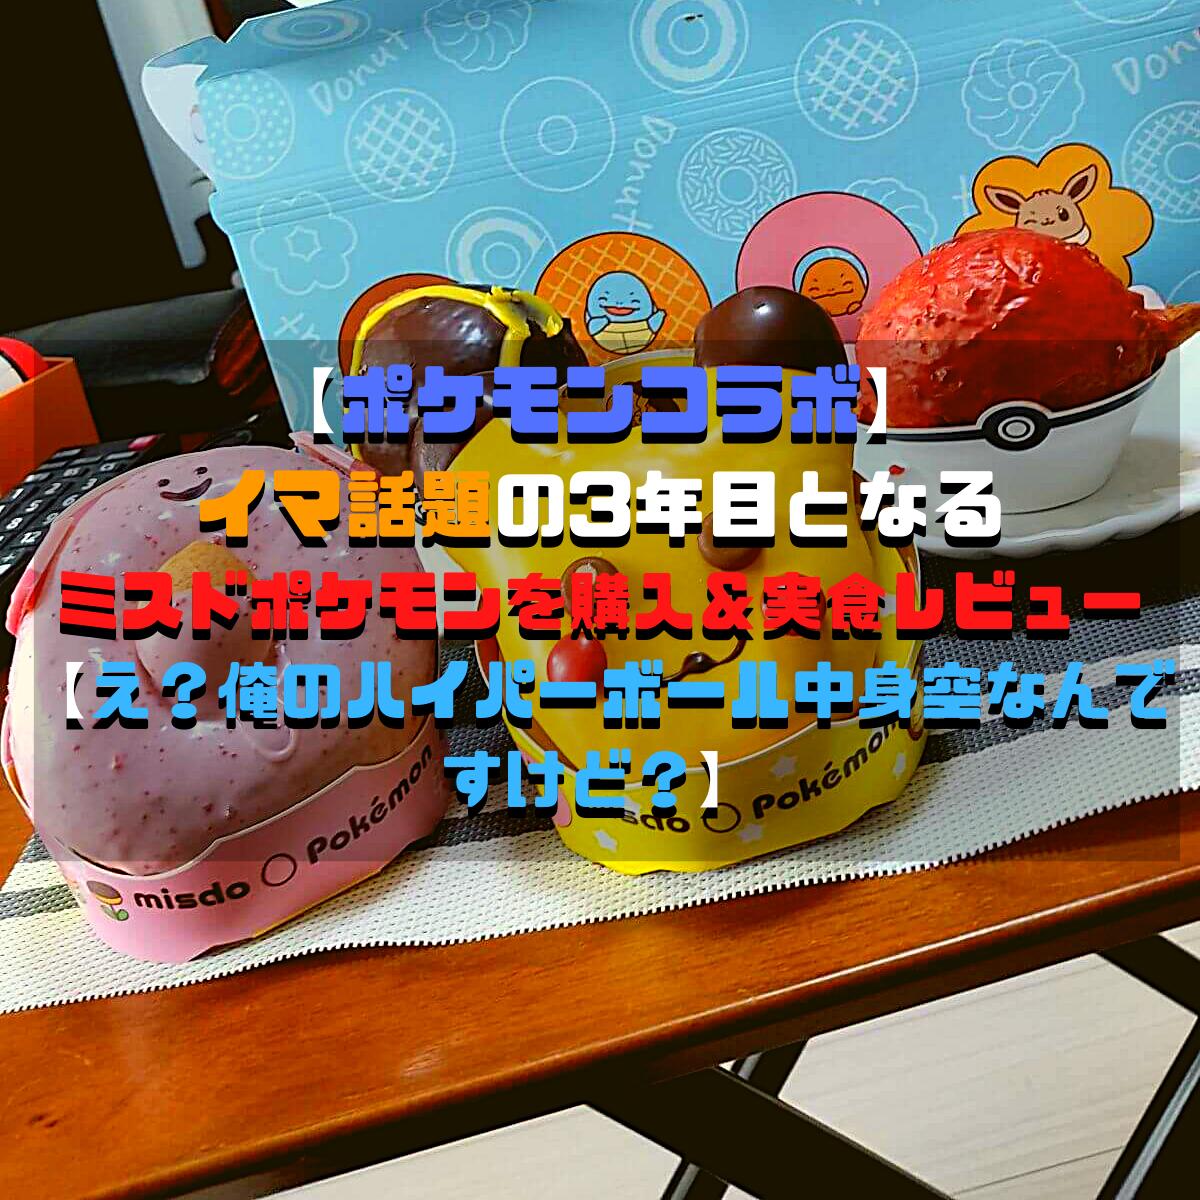 【ポケモンコラボ】 イマ話題の3年目となる ミスドポケモンを購入&実食レビュー 【え?俺のハイパーボール中身空なんですけど?】